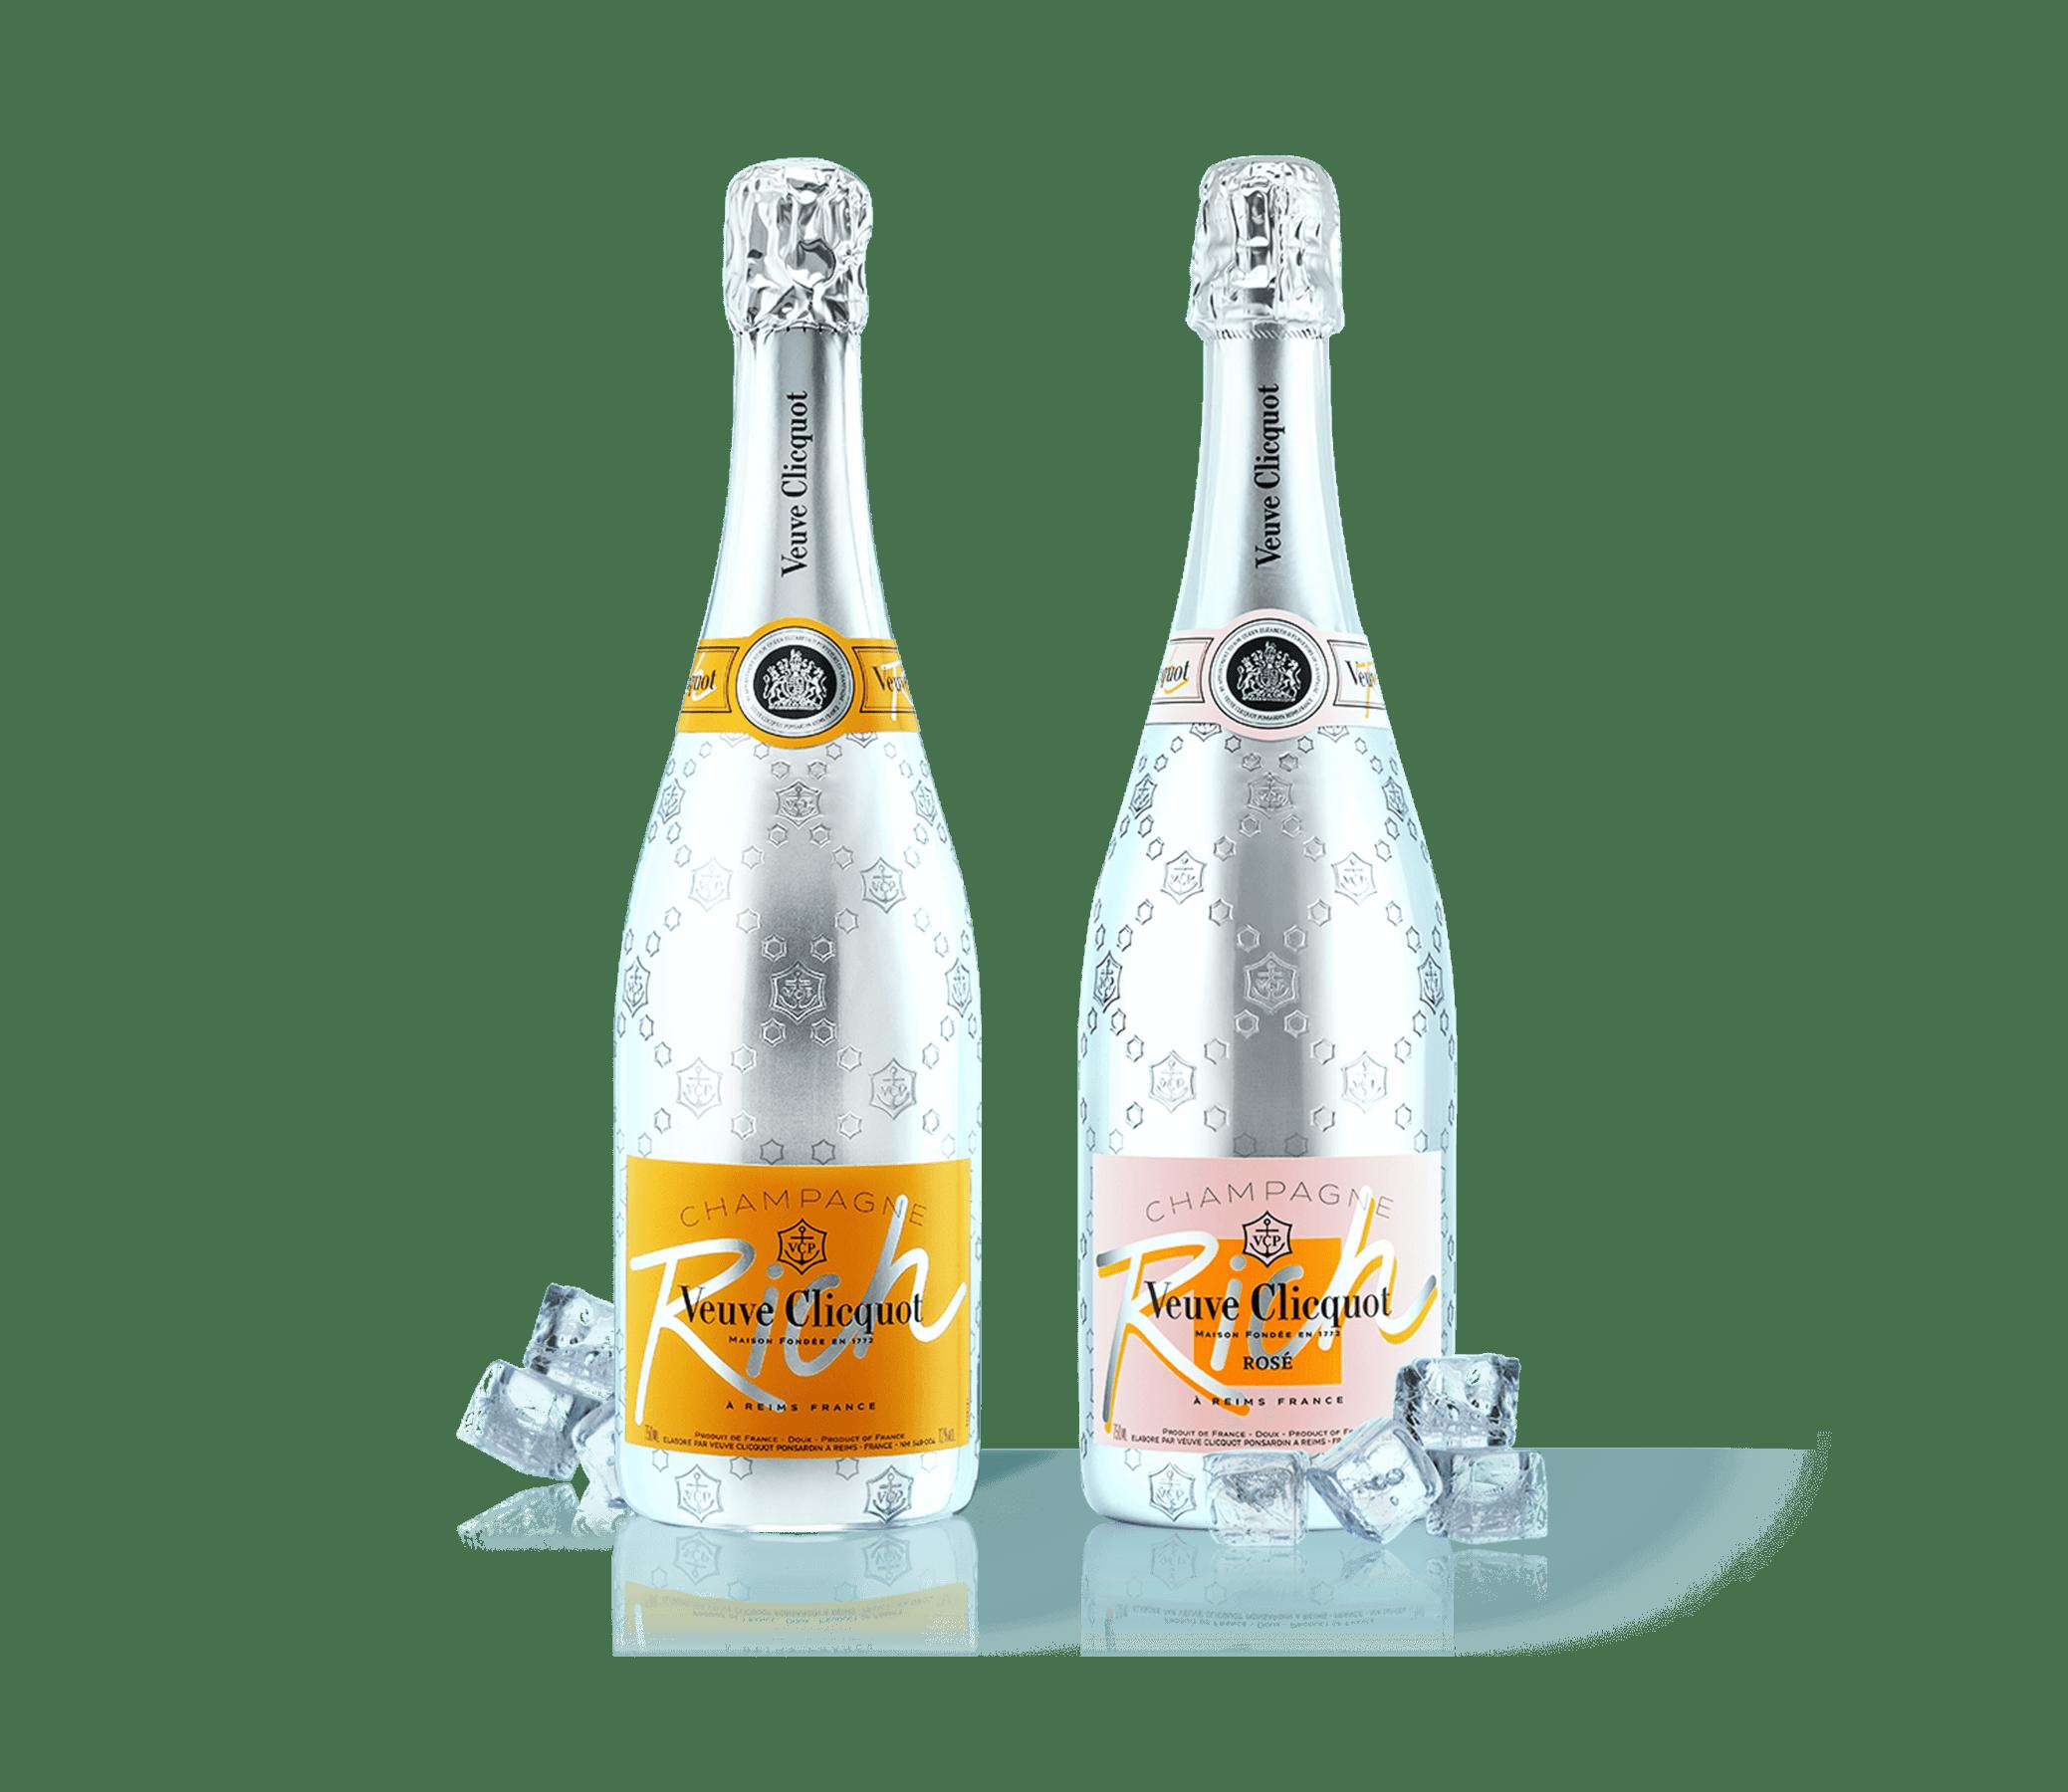 Bottles Veuve Clicquot Champagne Rich